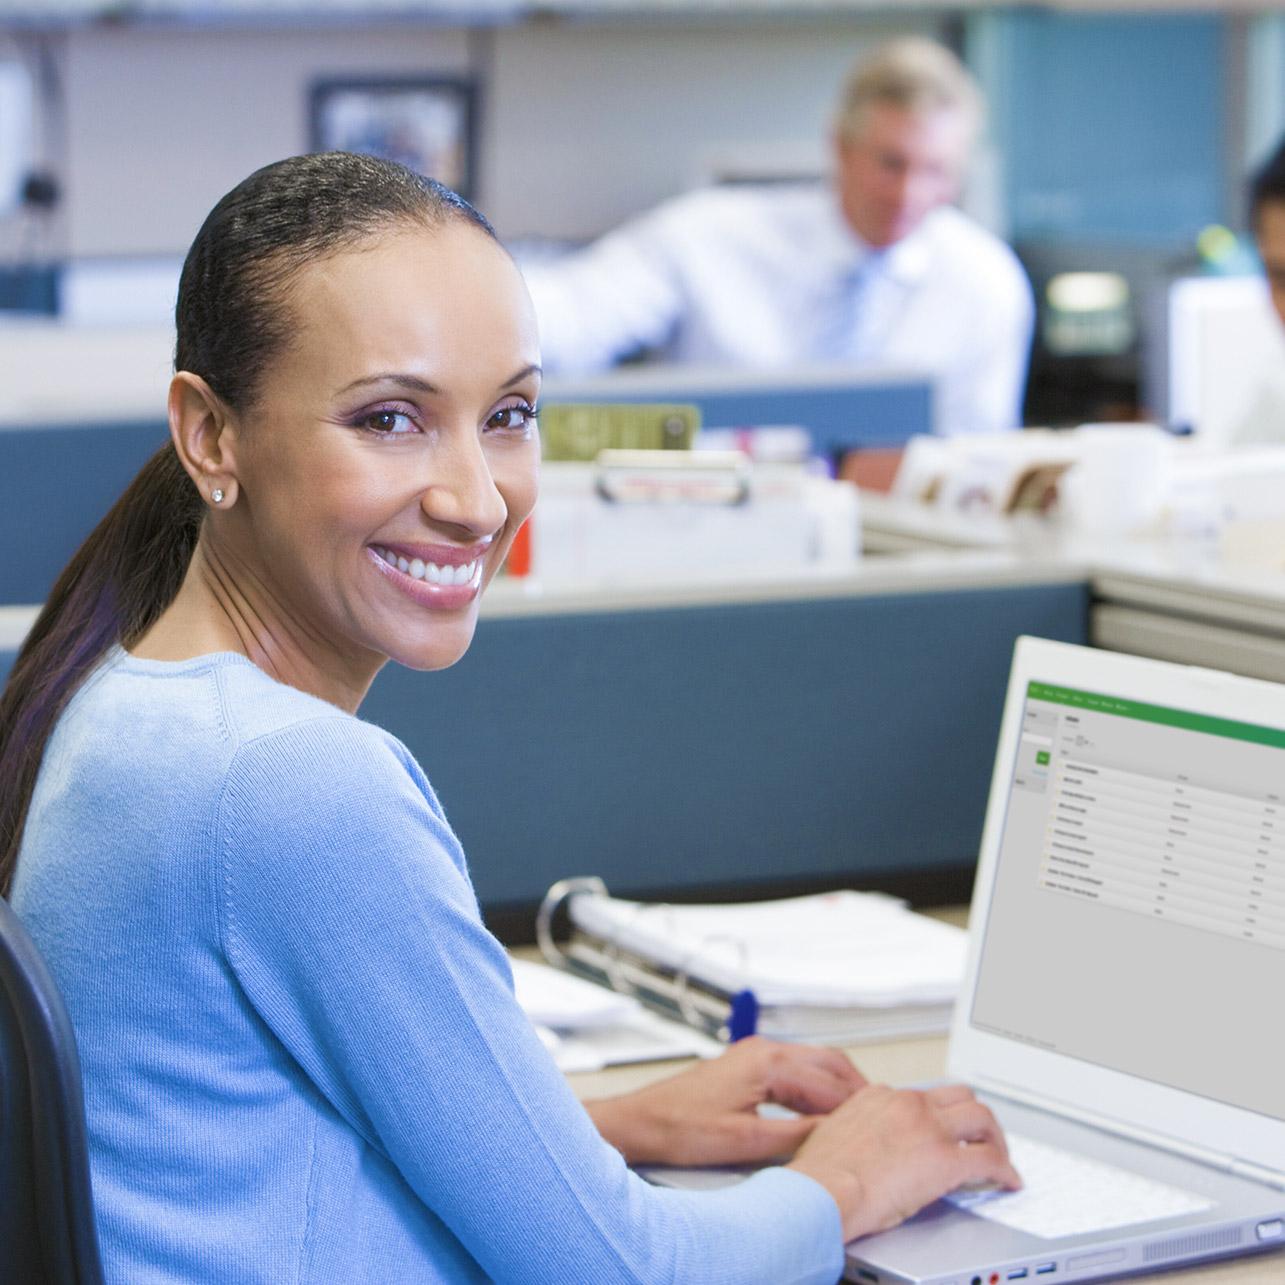 PPAP software de gestão